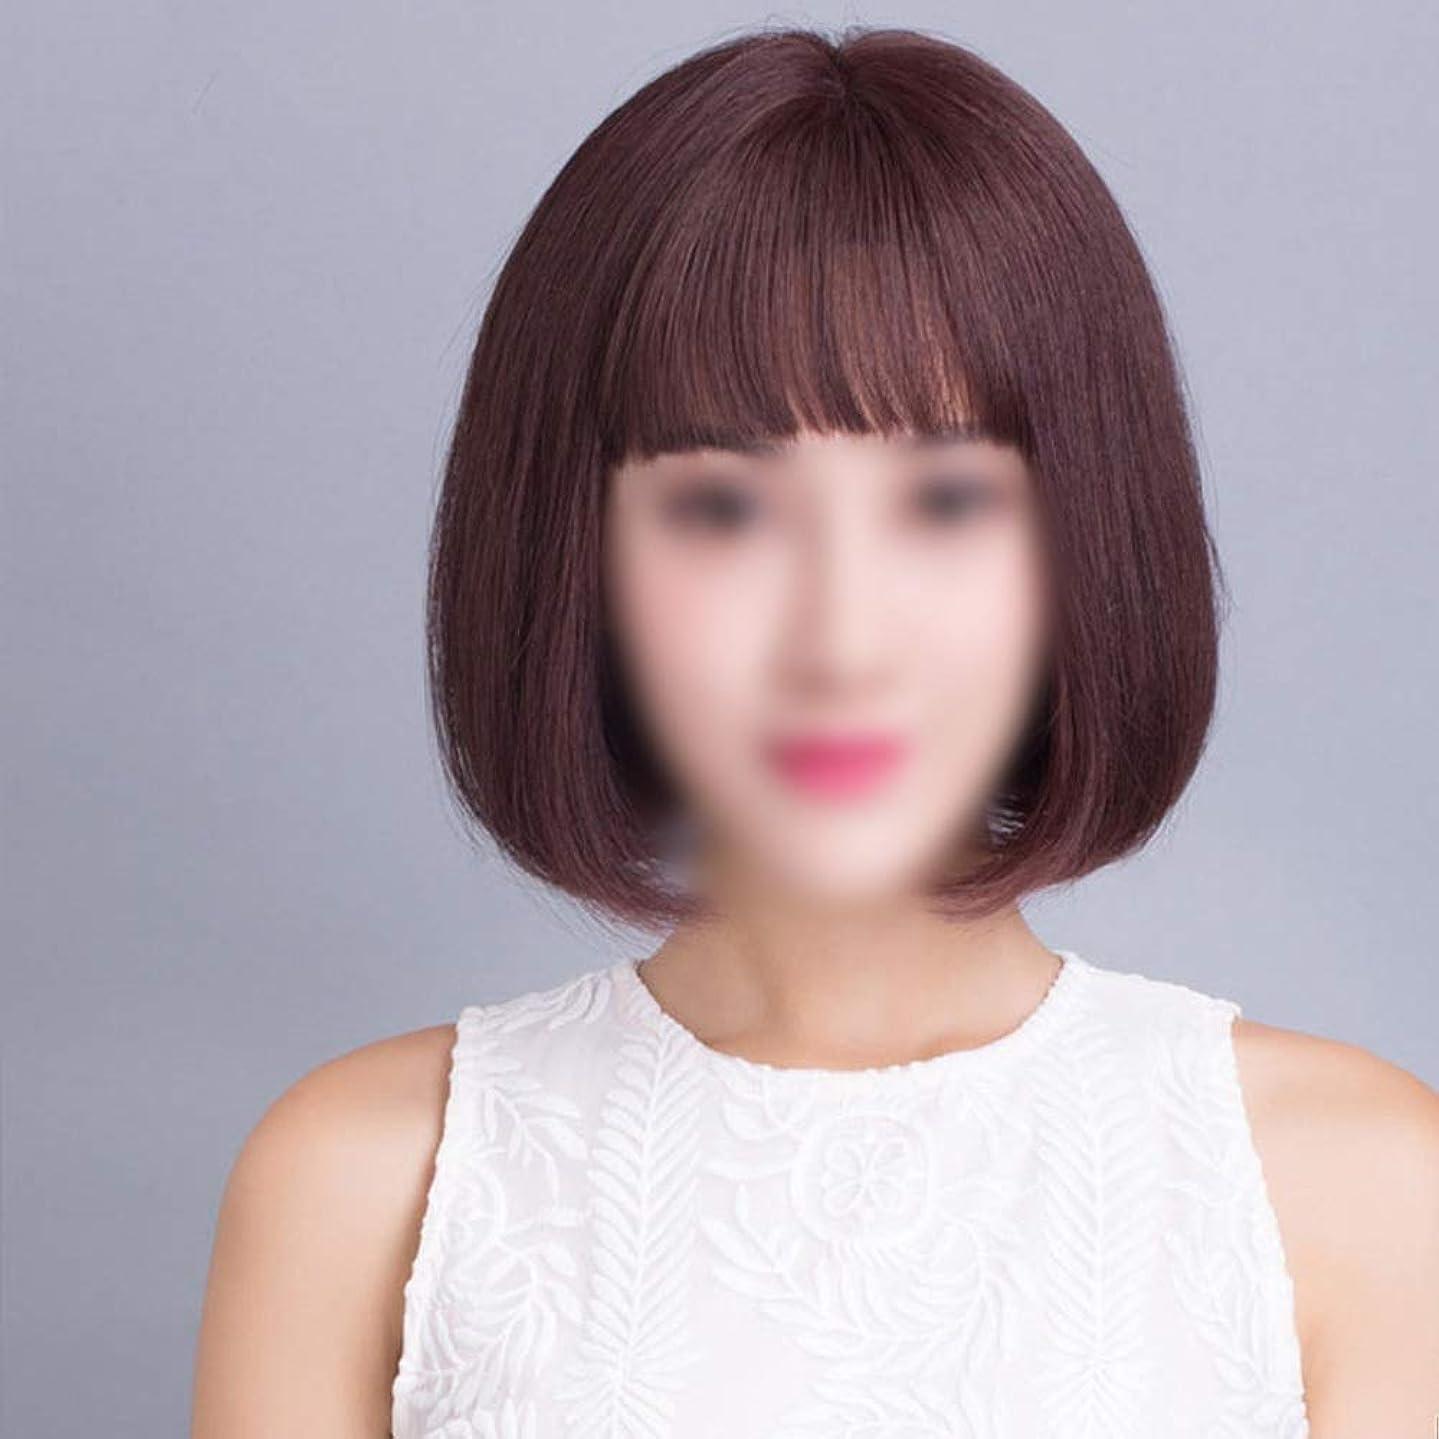 速報バナナチーフYESONEEP 女性の短い髪本物の髪ボブかつらかつらかつらファッションかつら (色 : Hand-woven top heart - dark brown)